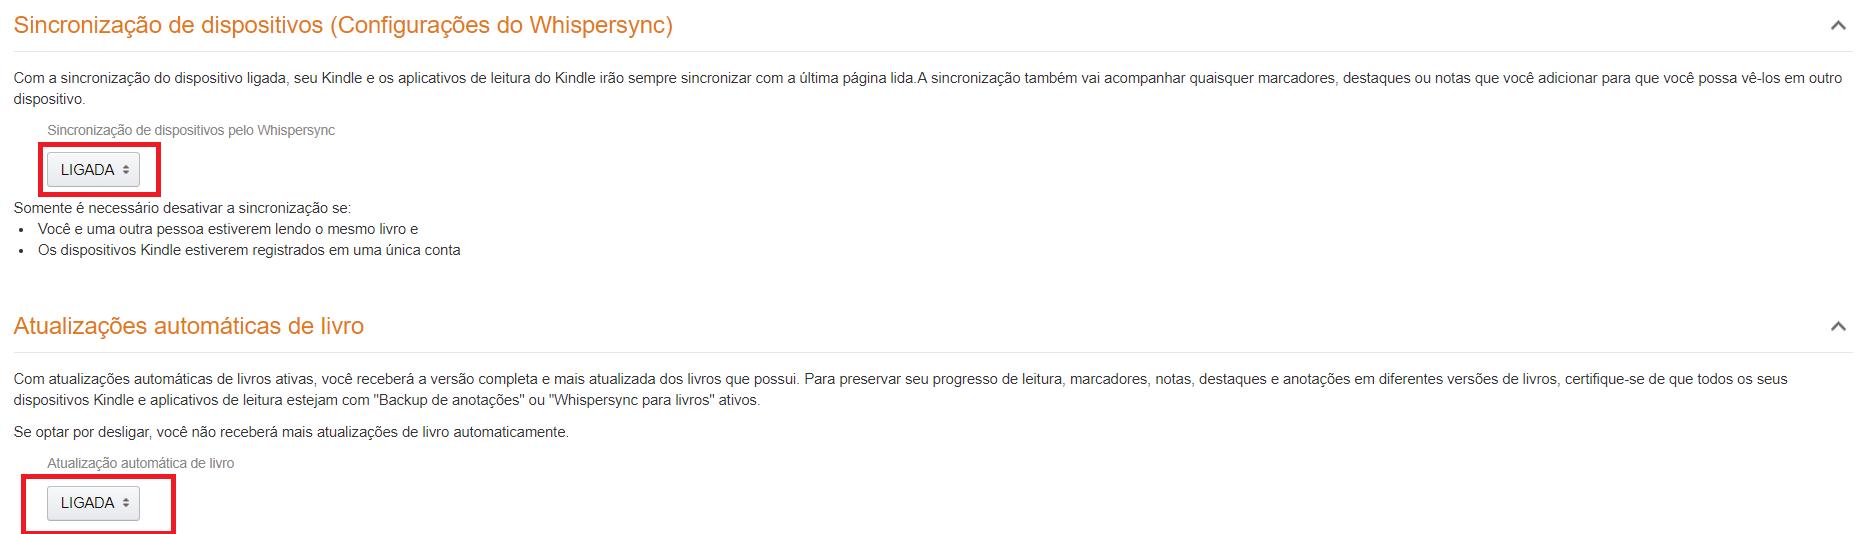 Sincronizar seus livros para receber atualização automática no aplicativo Kindle da Amazon